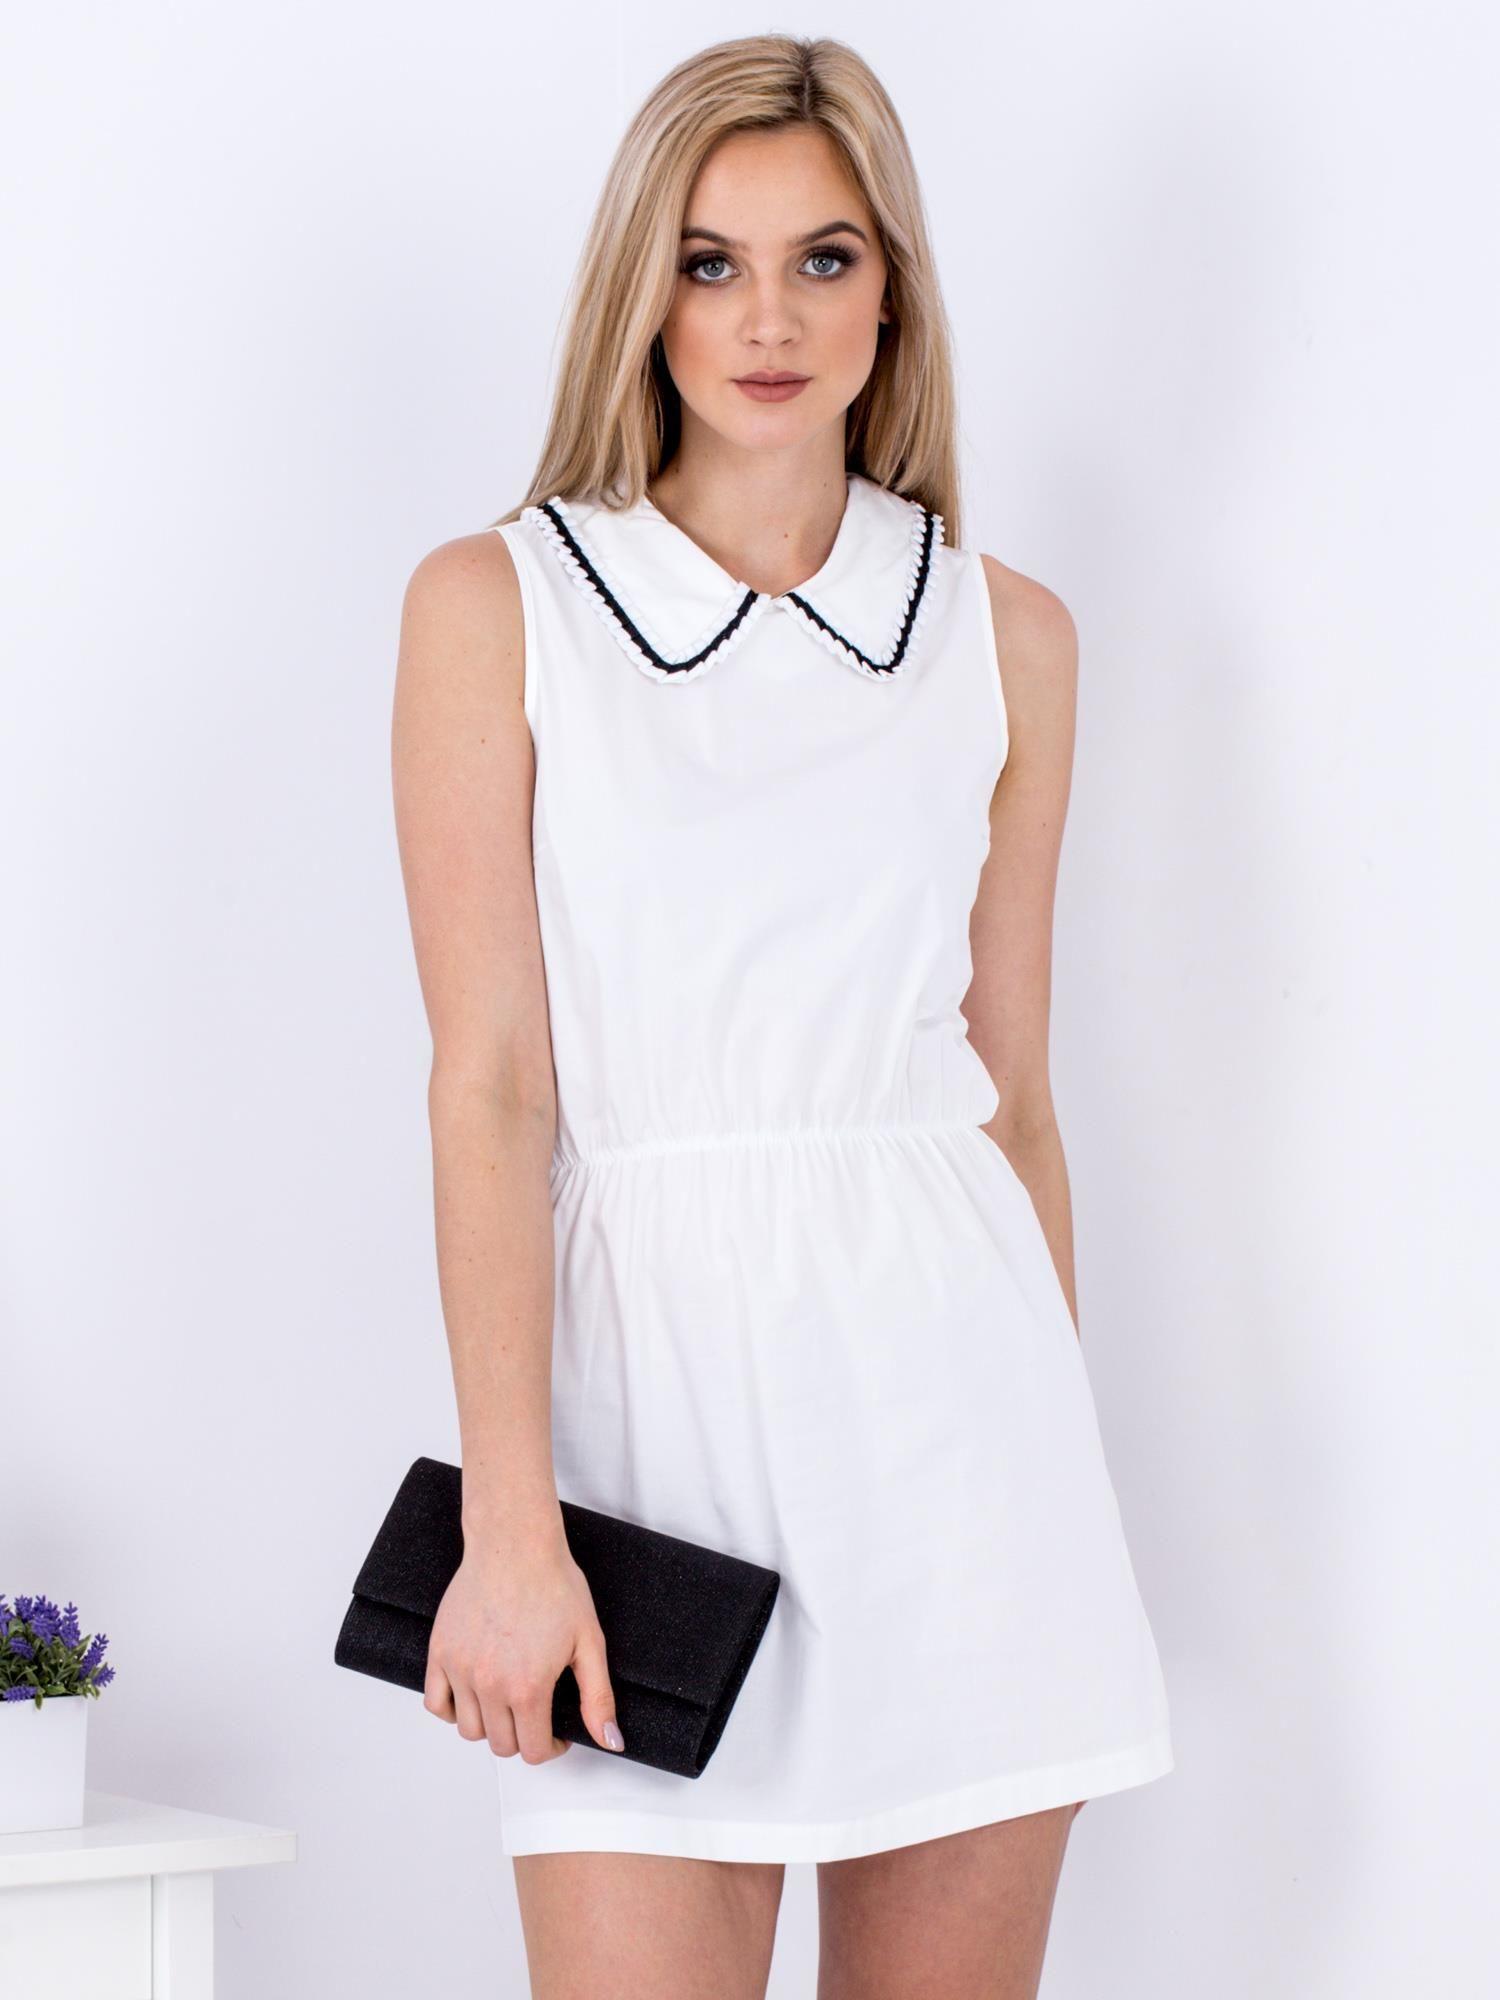 Ležérne dámske biele šaty s golierom - S